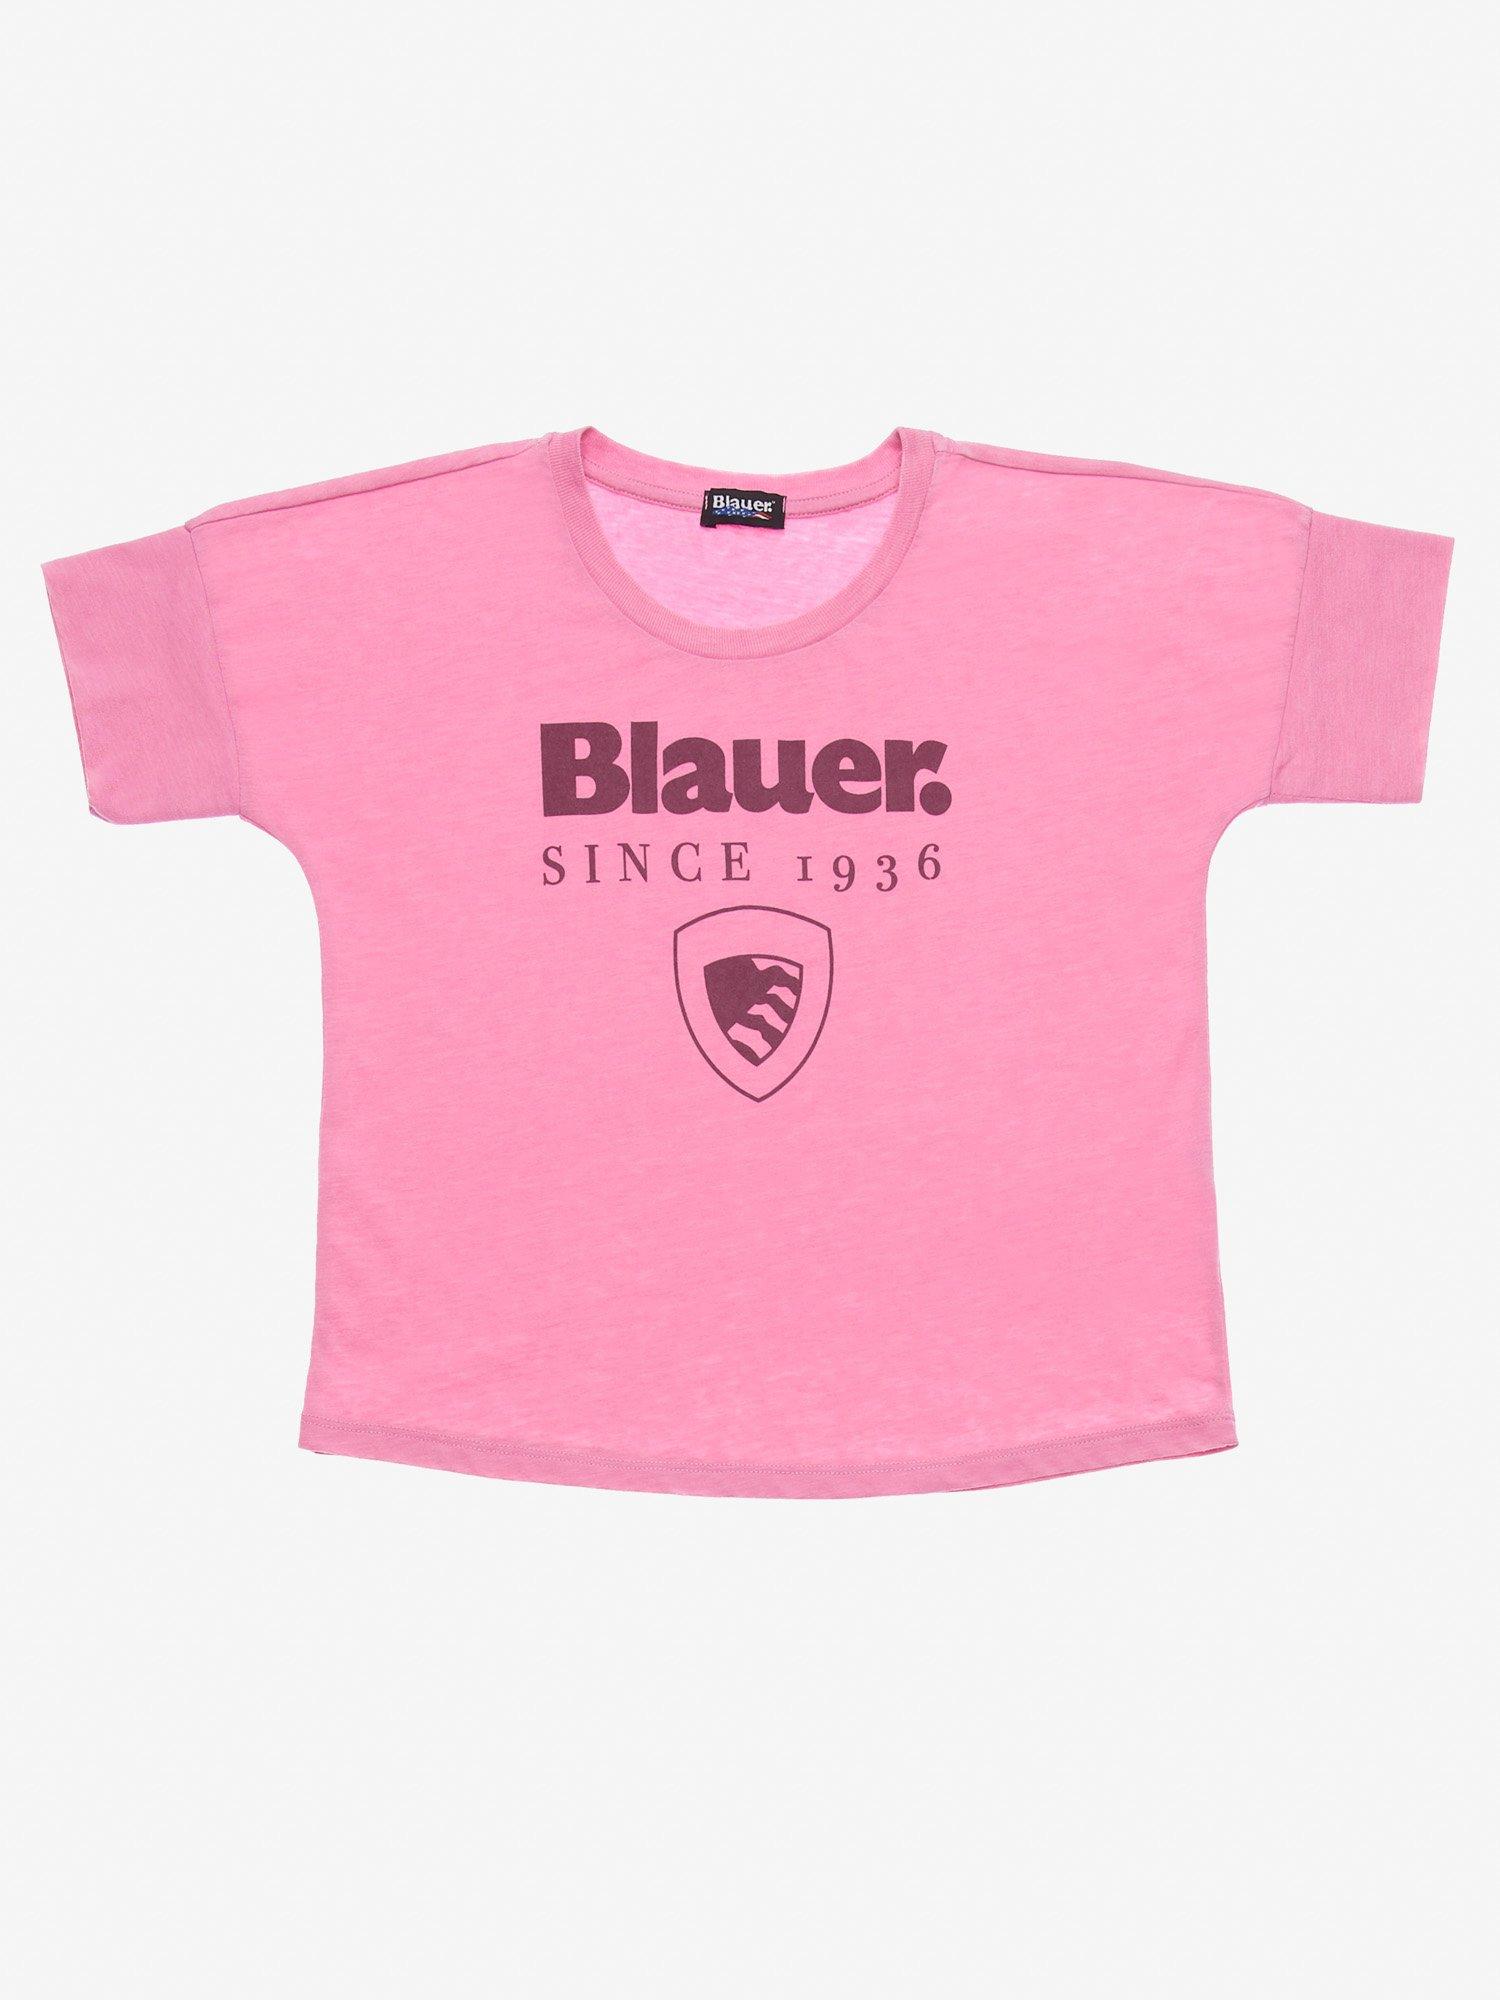 Blauer - JUNIOR DANCE T-SHIRT - Pastel Lavander - Blauer